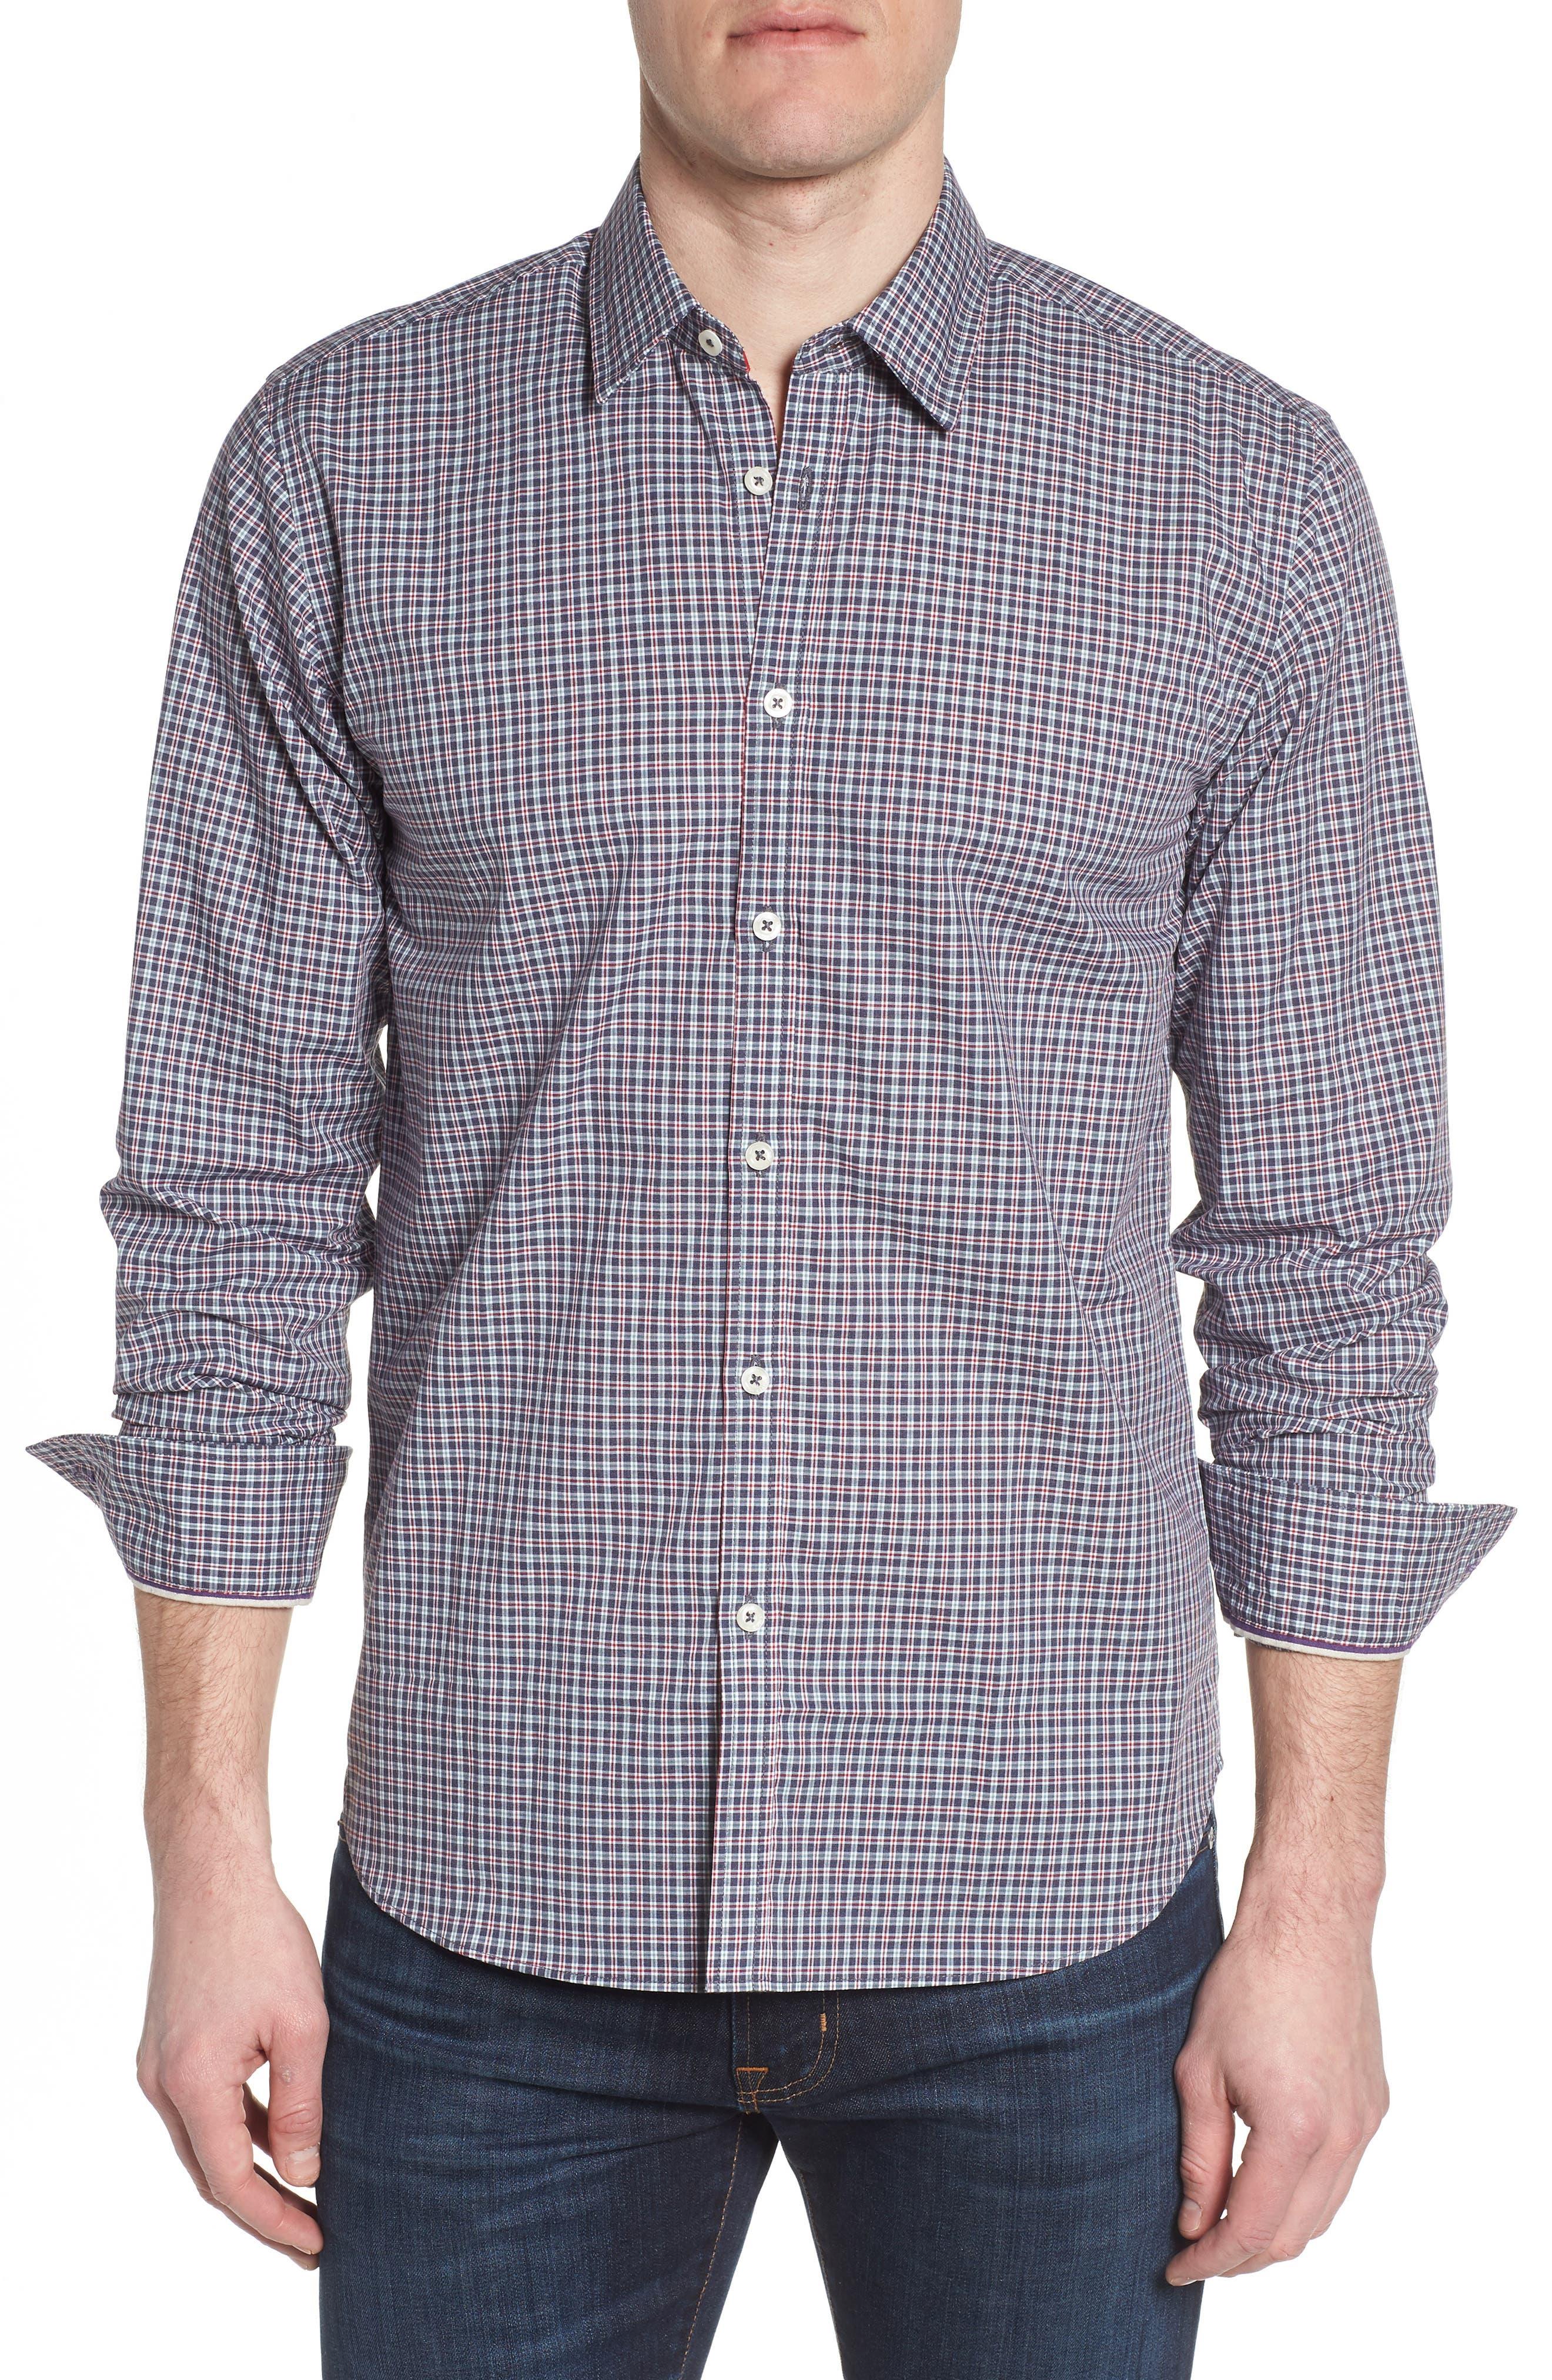 Jeremy Argyle Slim Fit Check Sport Shirt